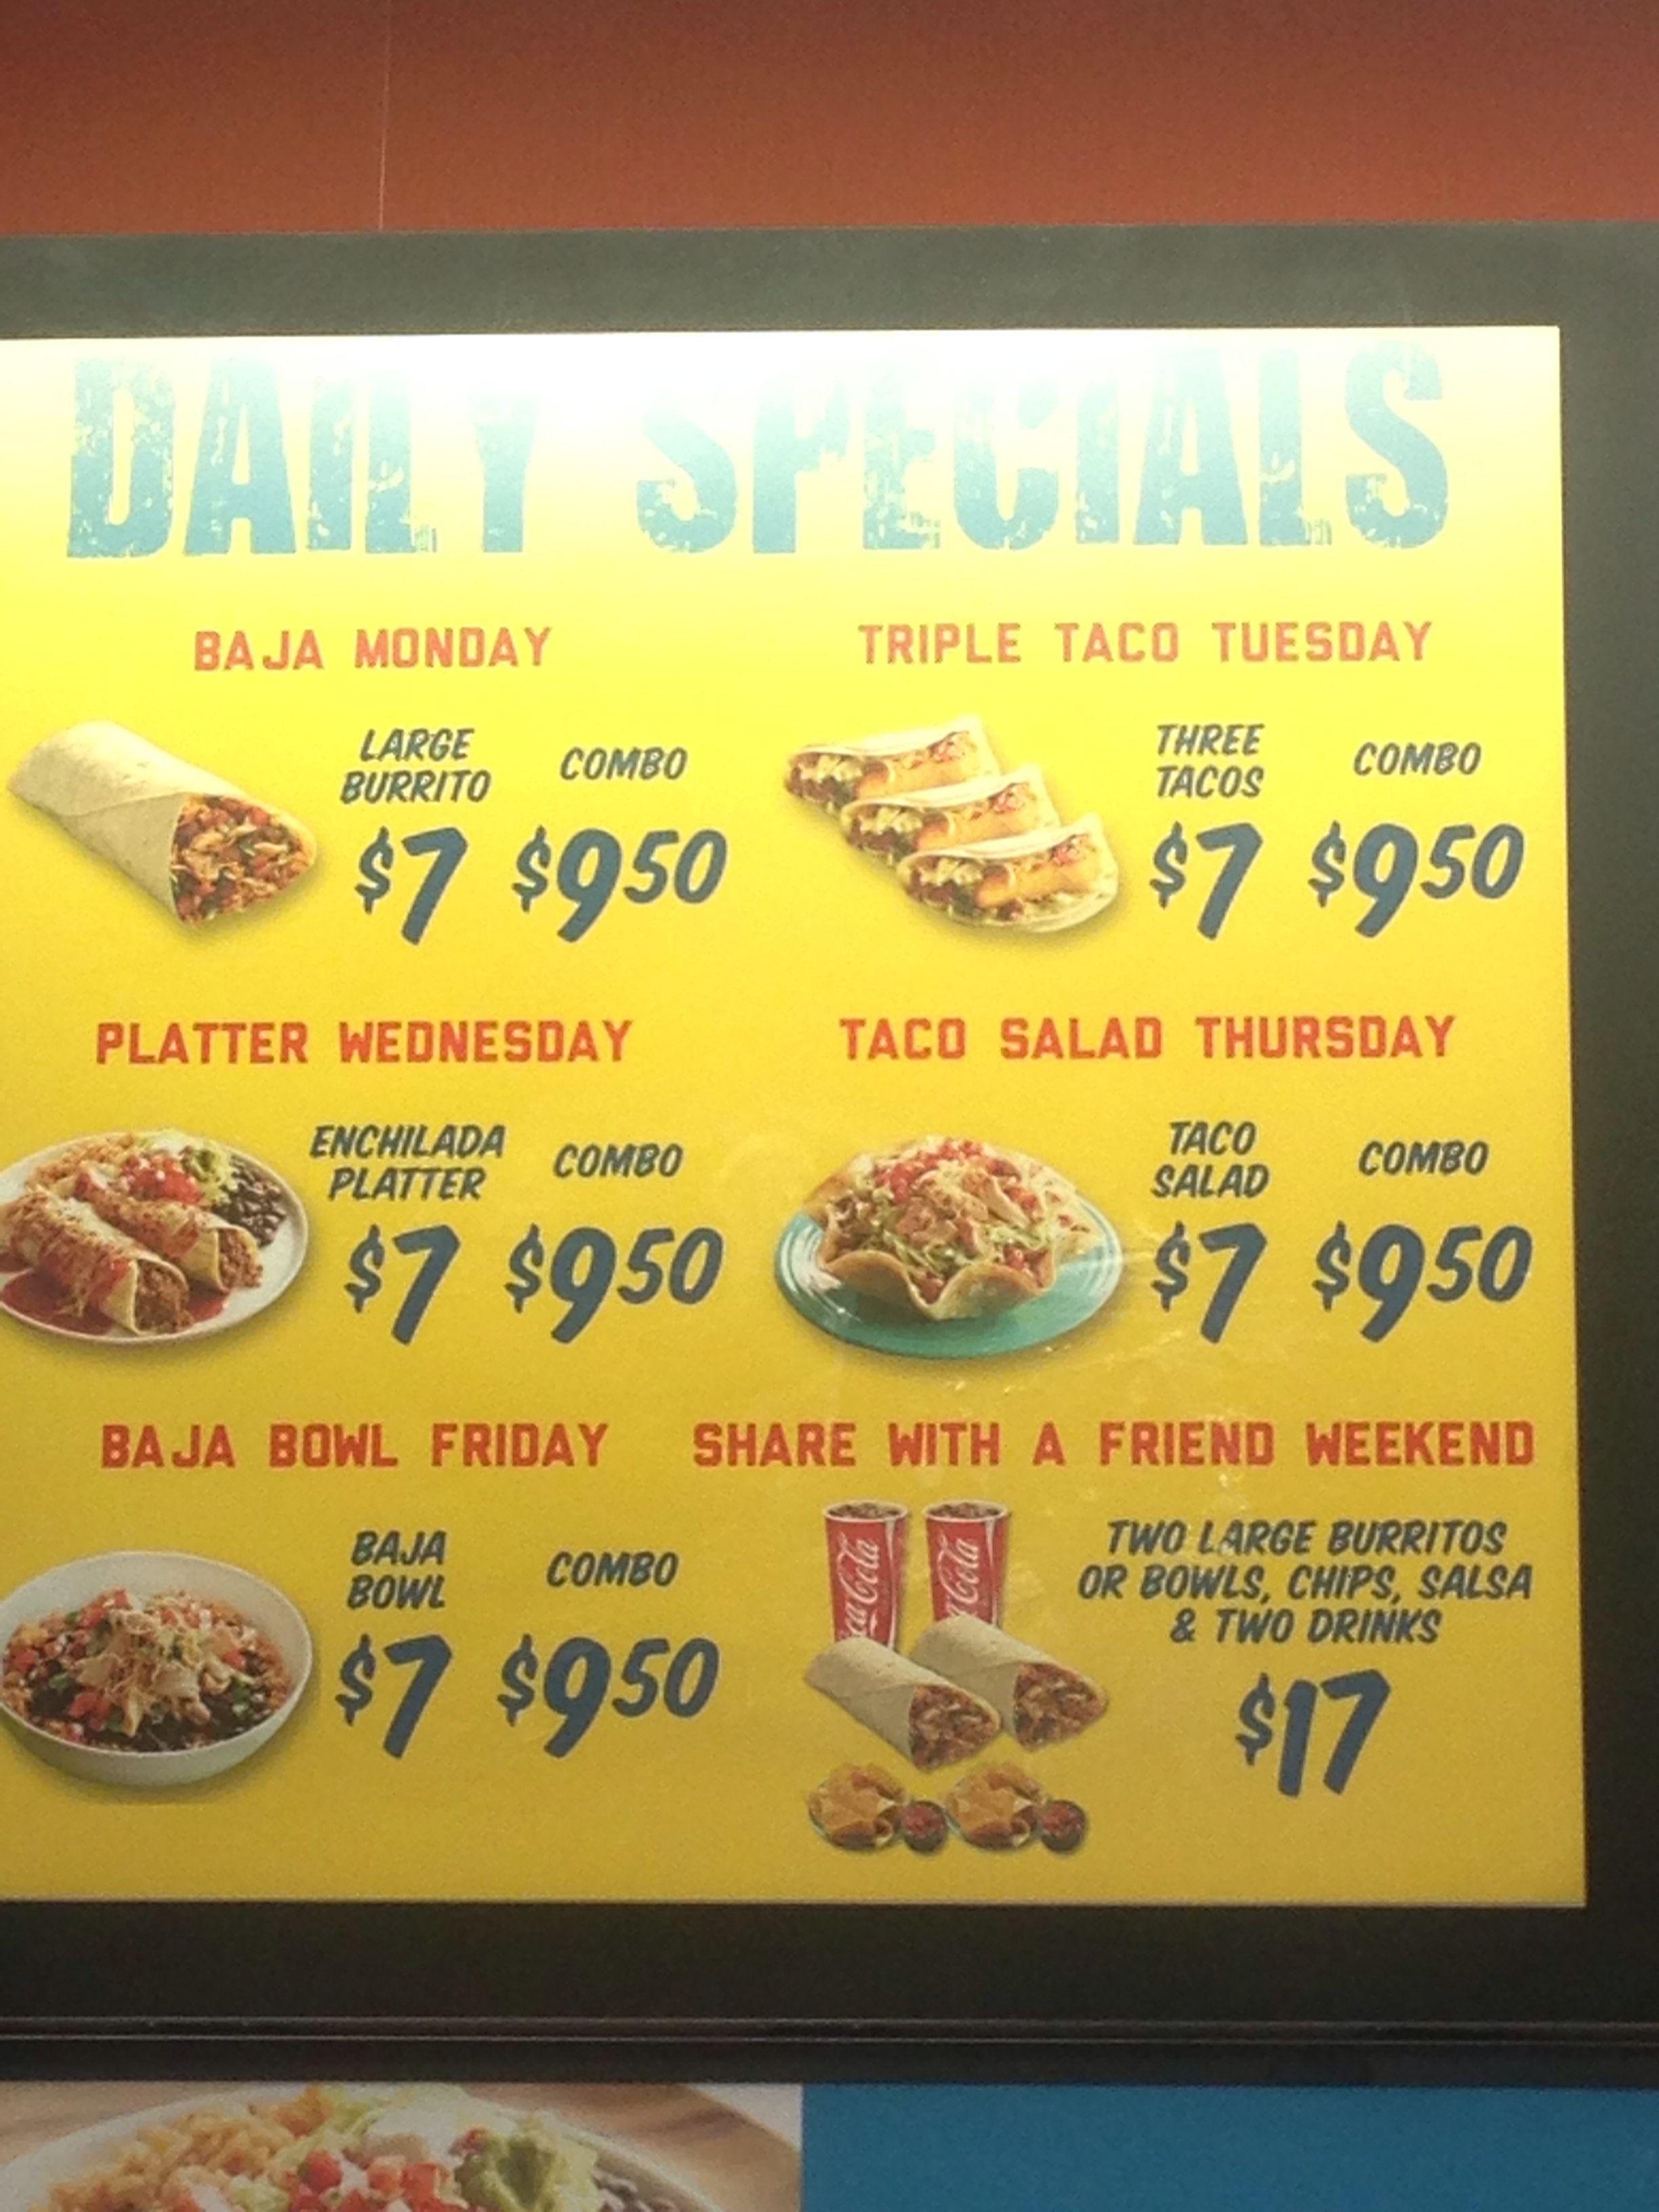 Taco Del Mar Daily Special Main Street Winnipeg Mb Menu Restaurant Daily Specials Burrito Bowl